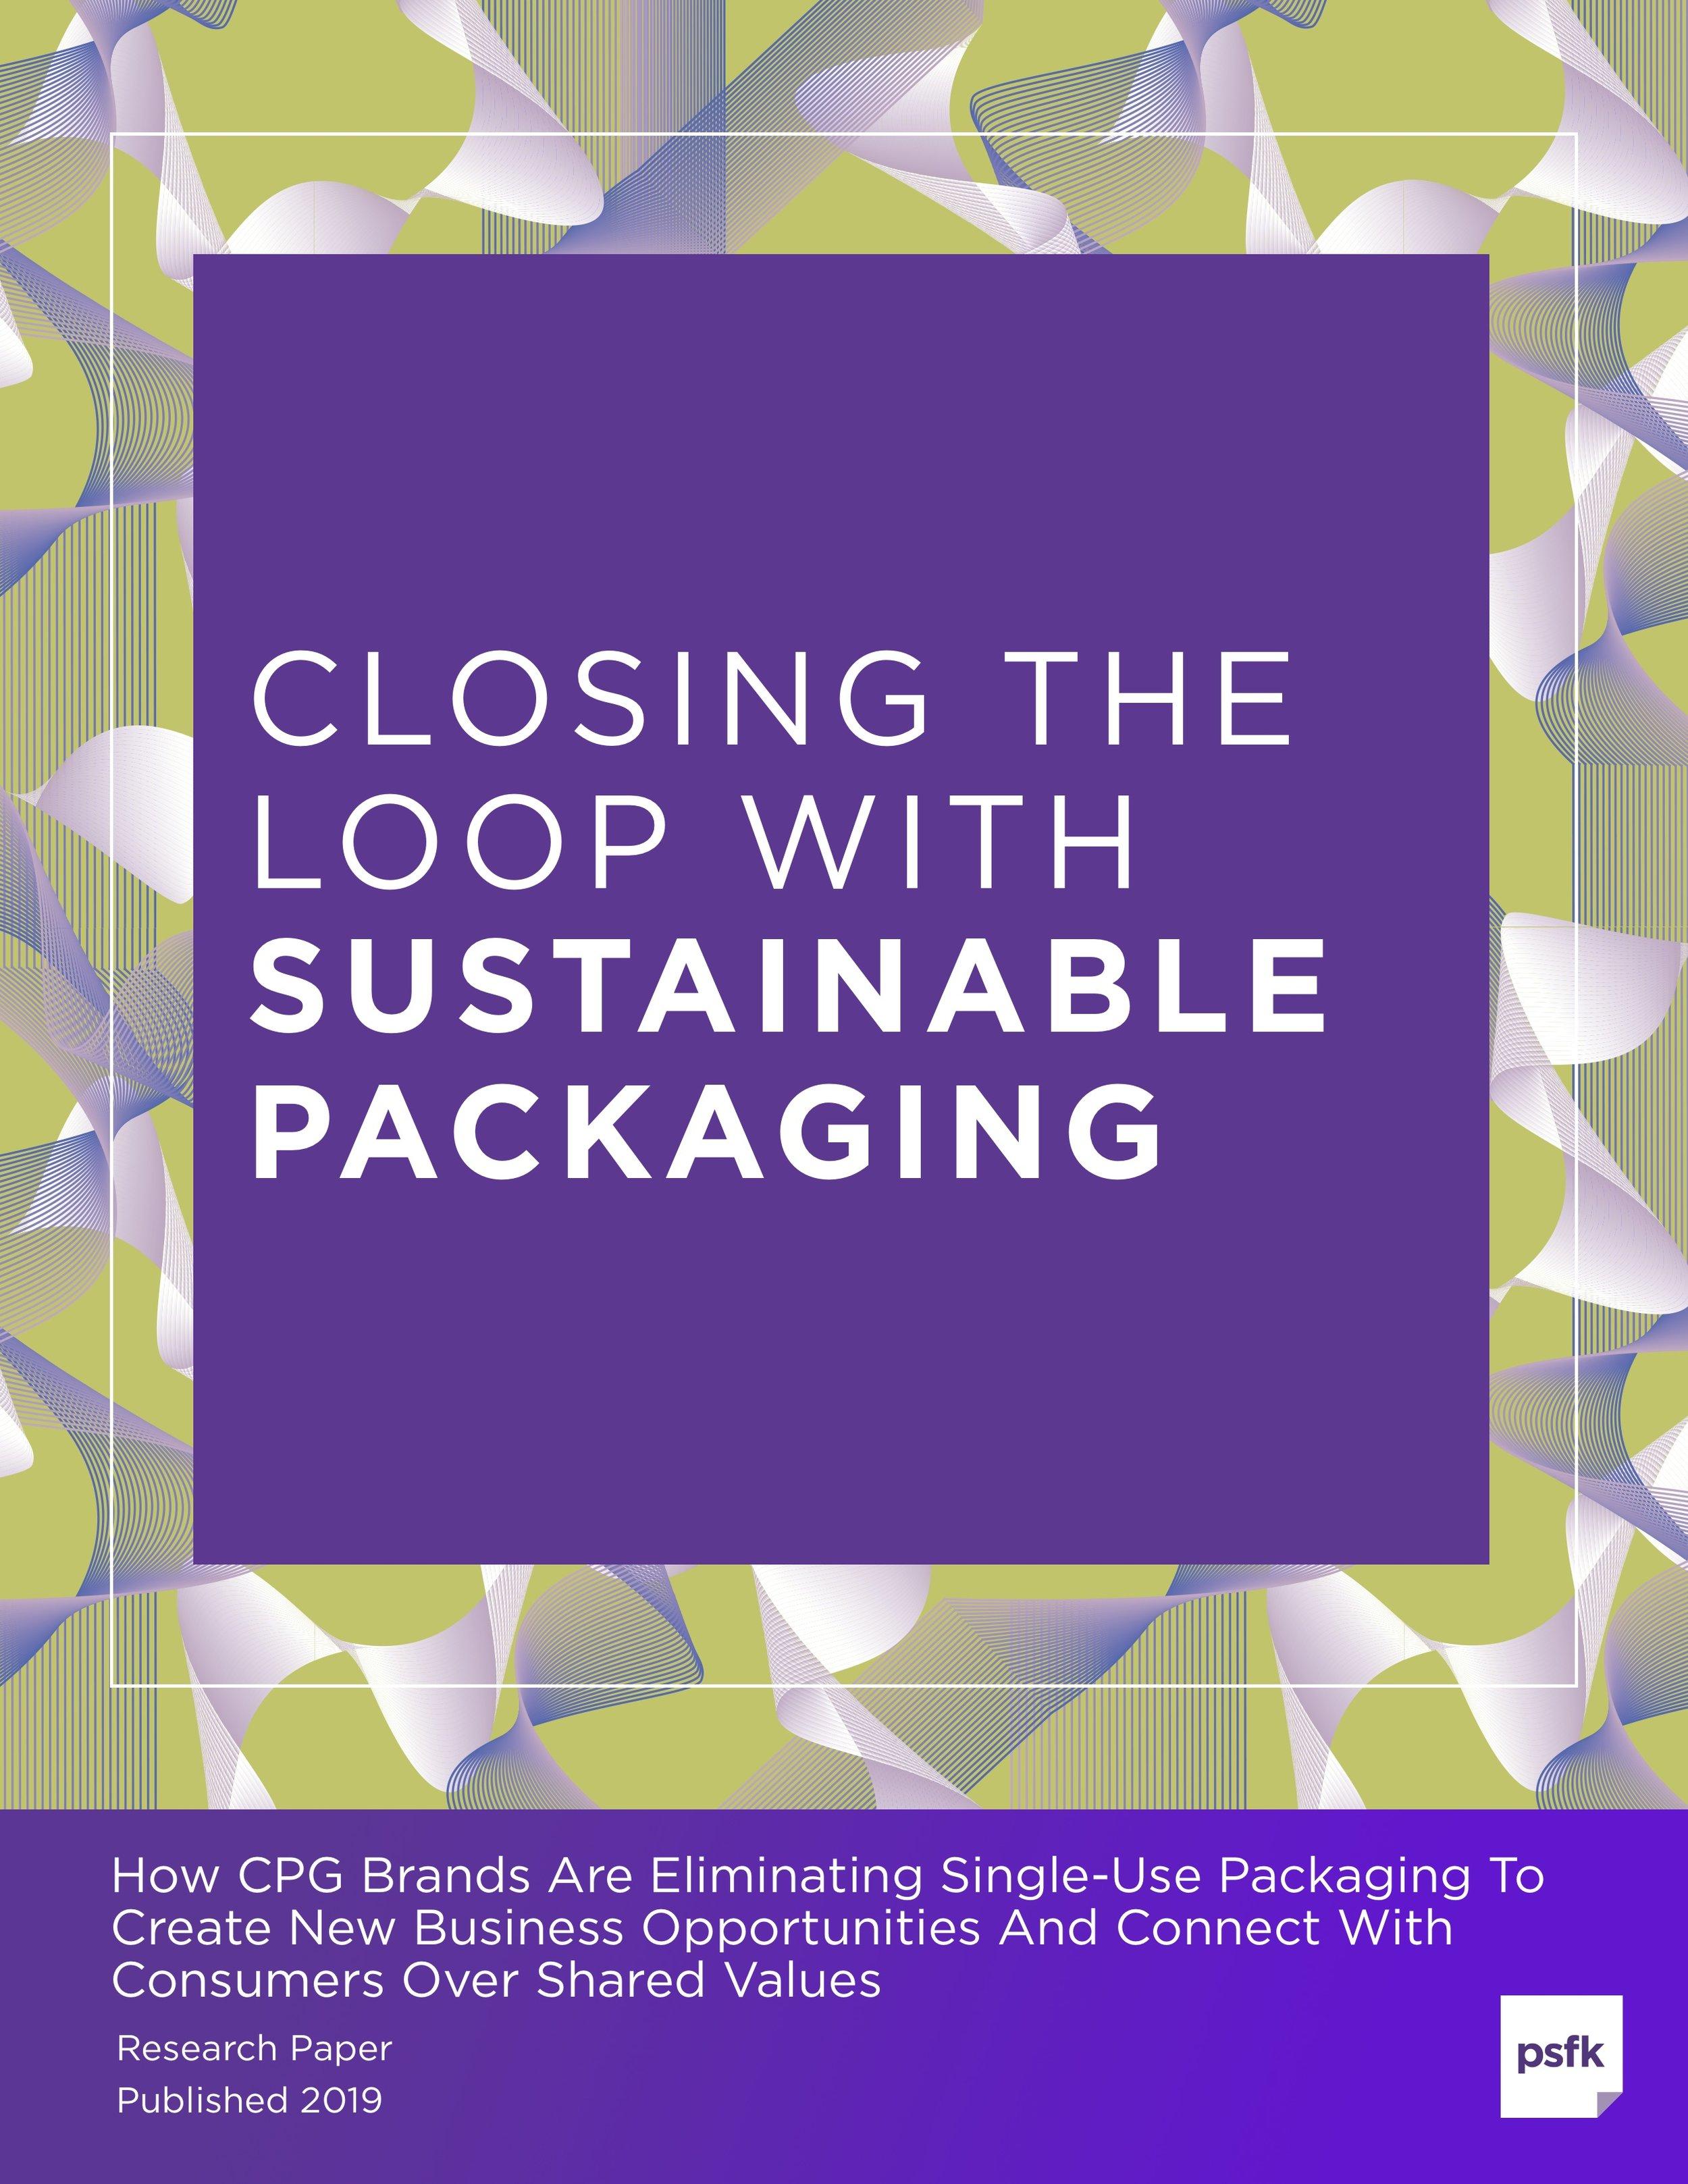 PSFK_Closing_Loop_Sustainable_Packaging_Cover_Standalone.jpg